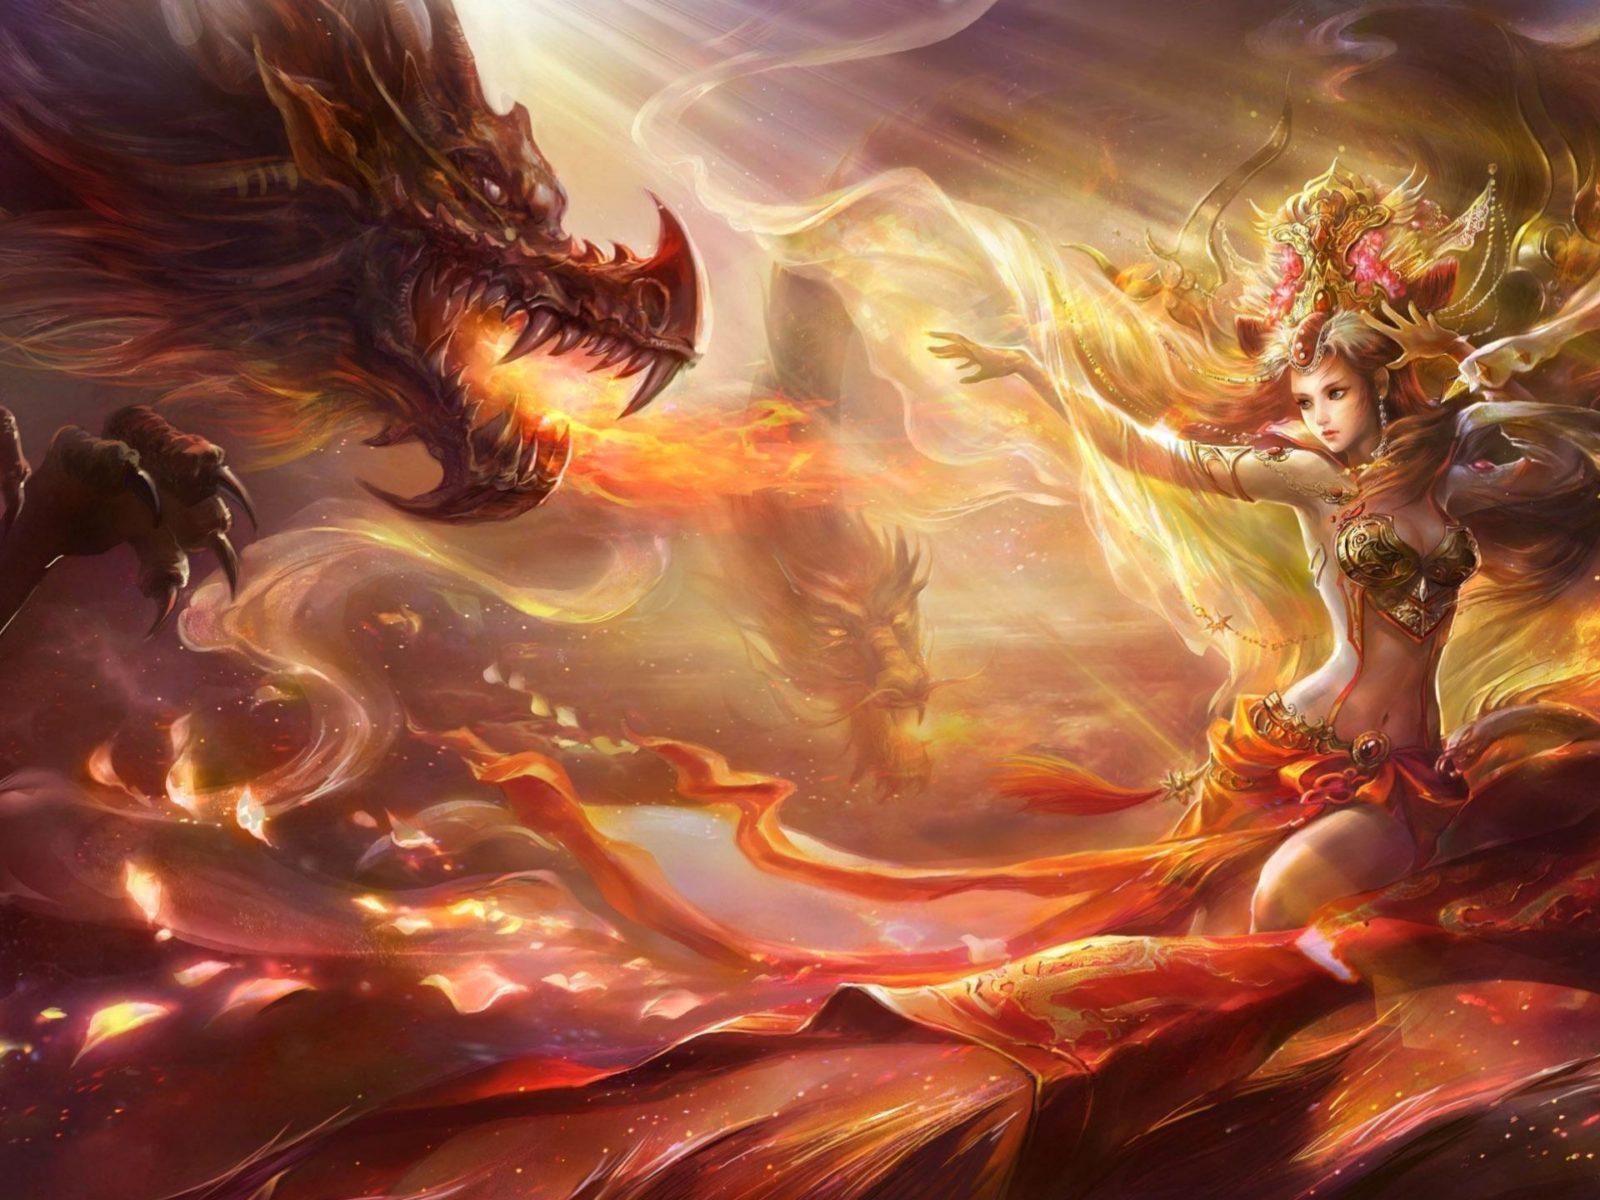 Winter Anime Girl Wallpaper Dragon Fantasy Art Artwork Wallpaper Background 331511